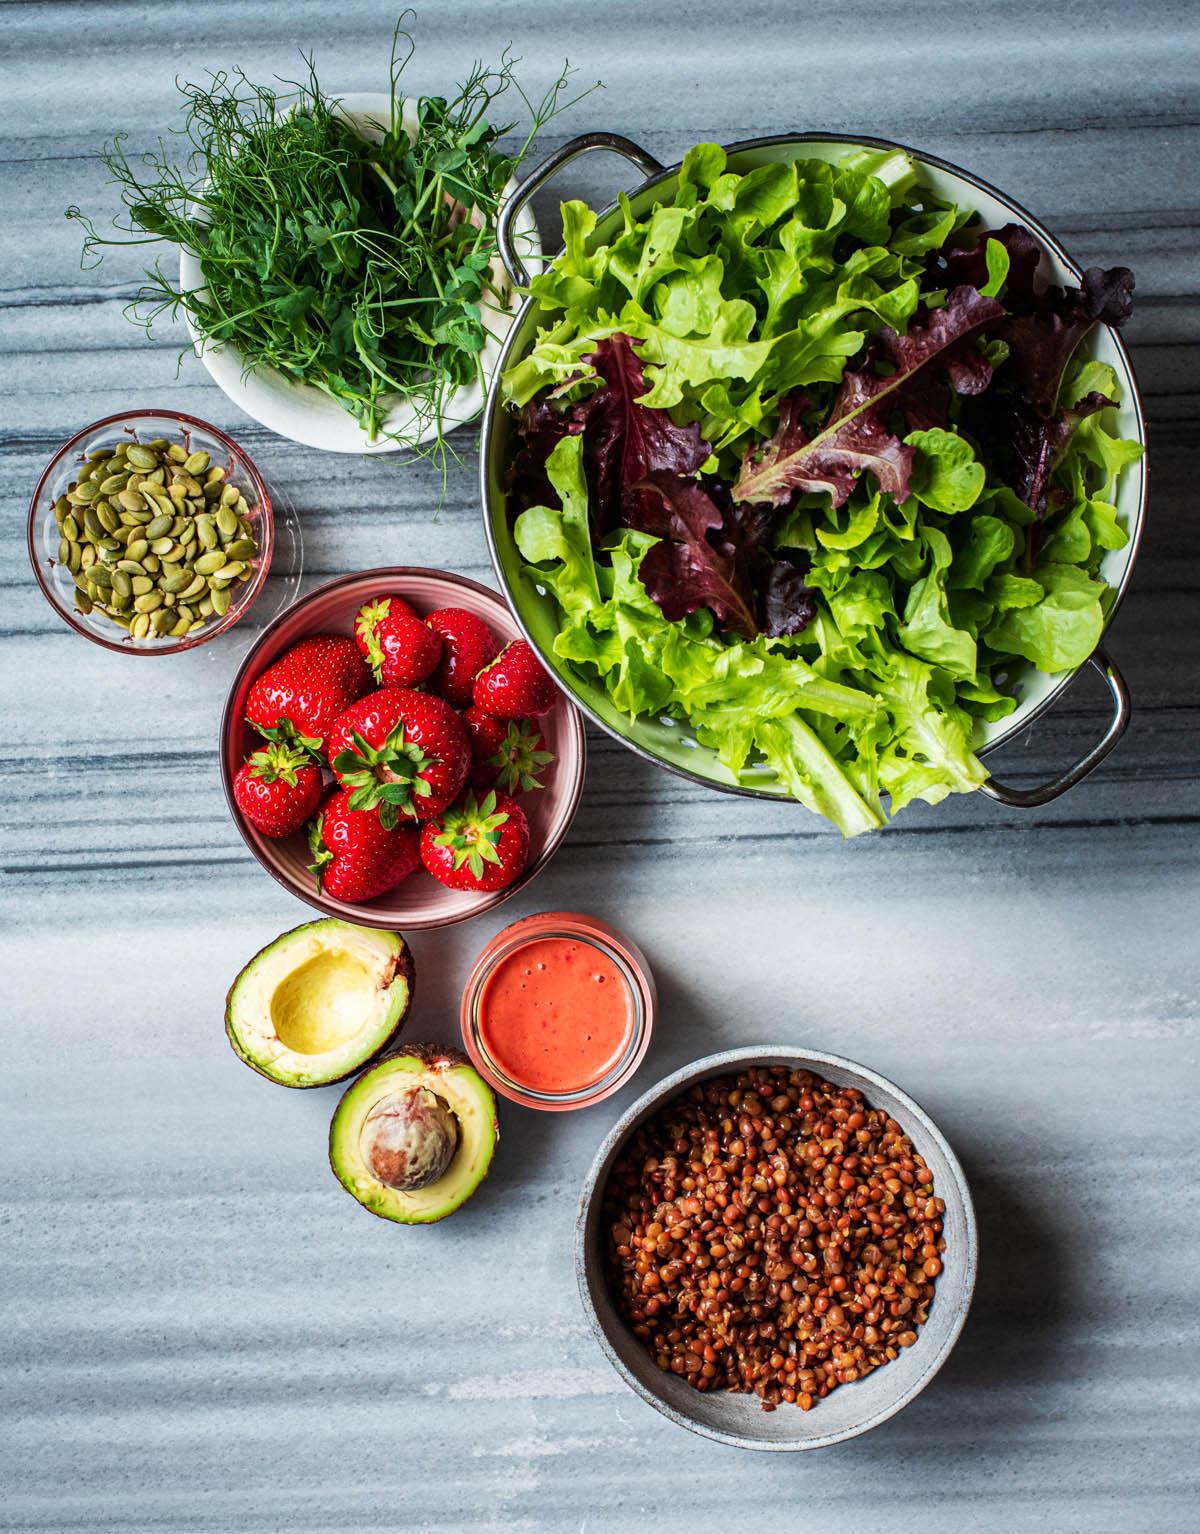 Summer Strawberry Salad ingredients.